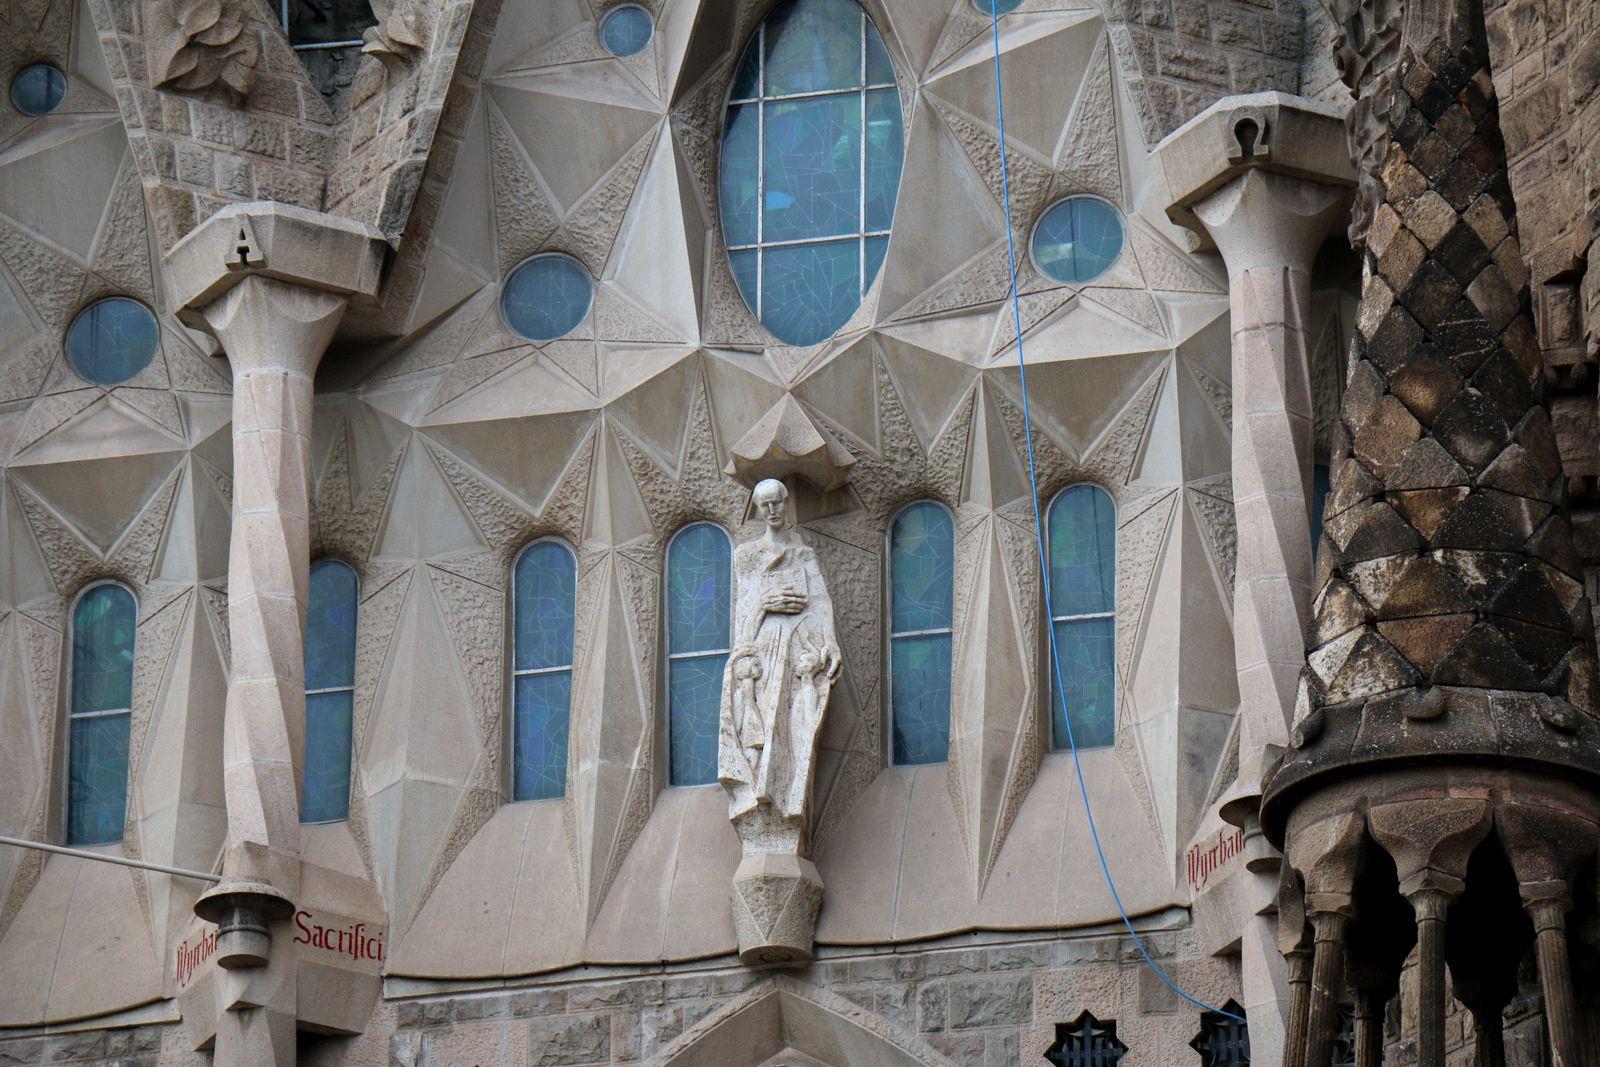 Sagrada Familia, extérieurs de la nef centrale (1/2)